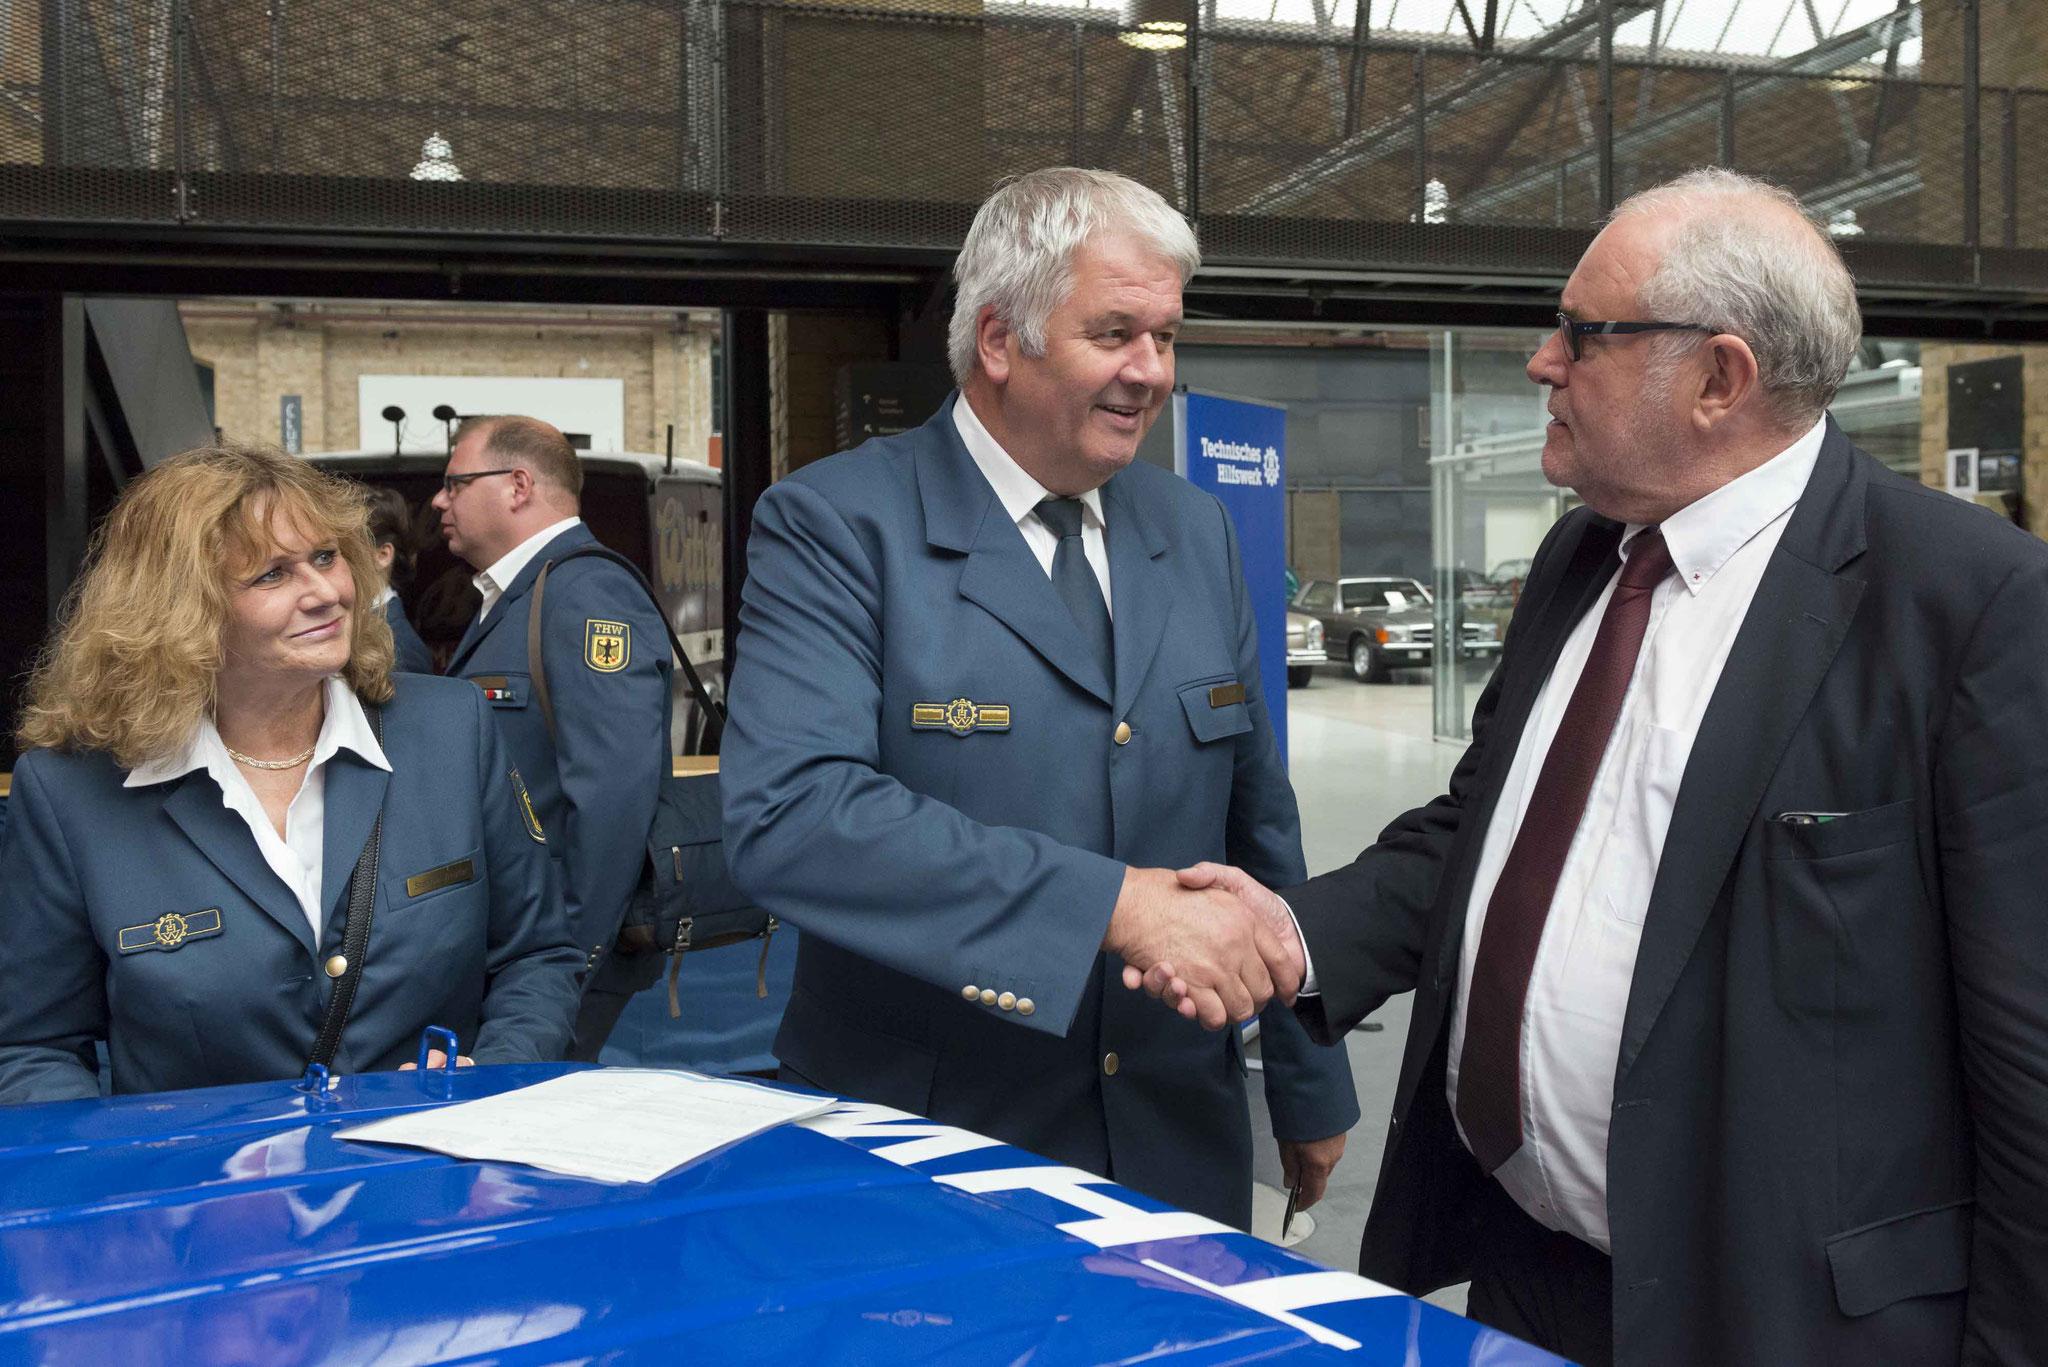 Albrecht Broemme jetzt Mitglied beim Sozialwerk der Inneren Verwaltung des Bundes